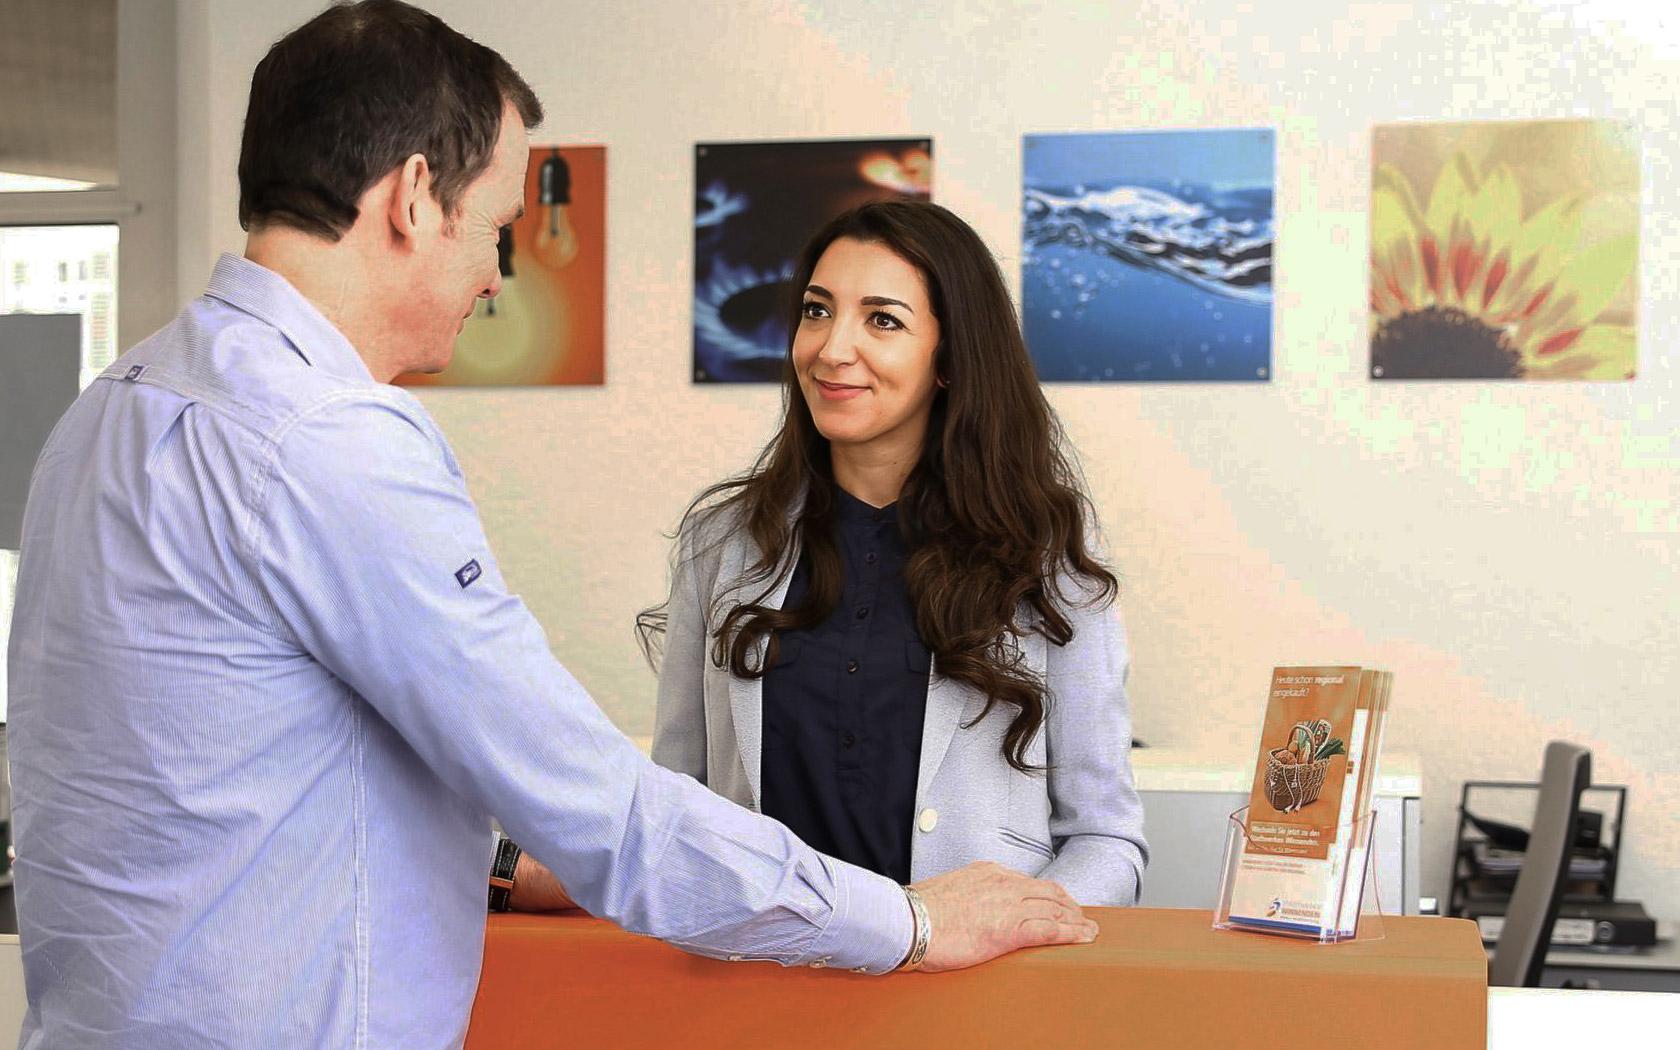 Stadtwerke Winnenden: Unternehmen Kundenzentrum Beratung